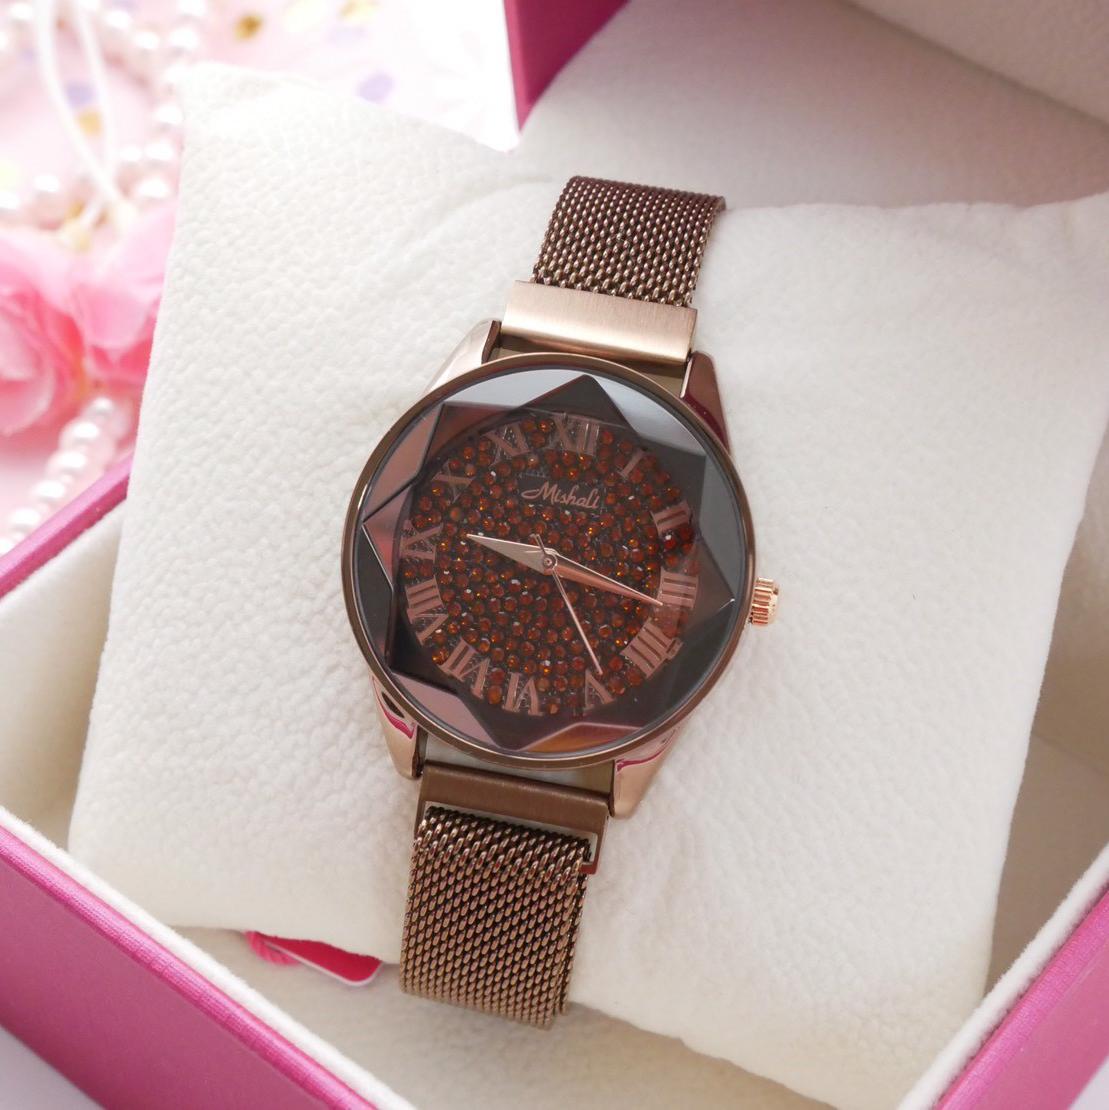 นาฬิกาข้อมือผู้หญิง MISHALI M18011B B